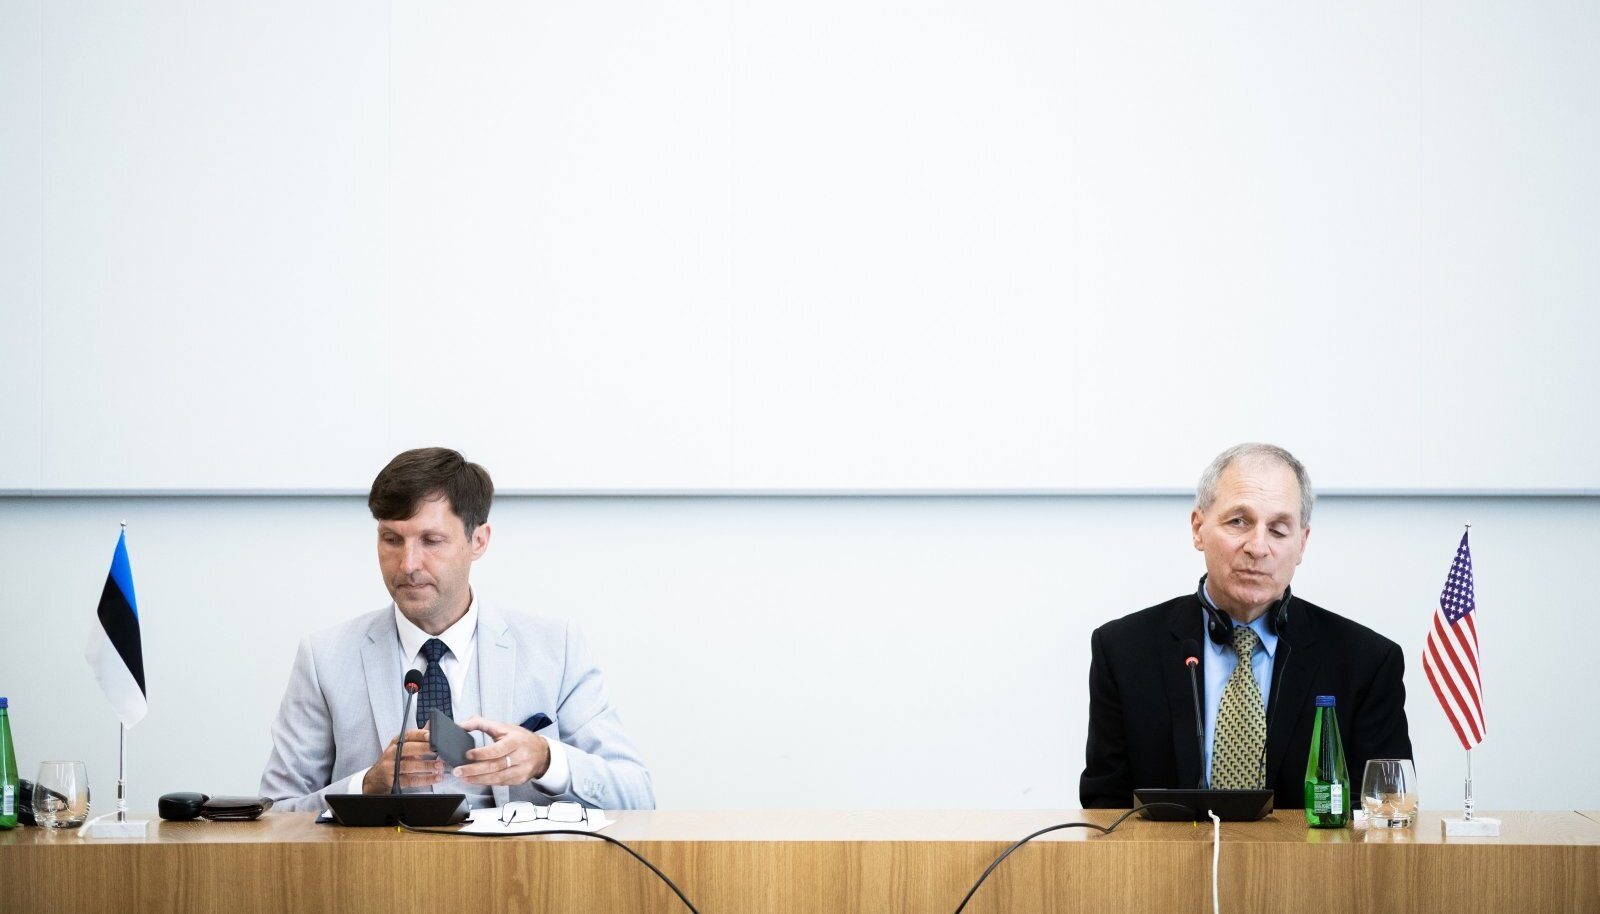 Martin Helme sõlmis lepingu USA advokaadibürooga valitsuse volitusel, ent ei kaasanud sisuliselt teisi ministeeriume.